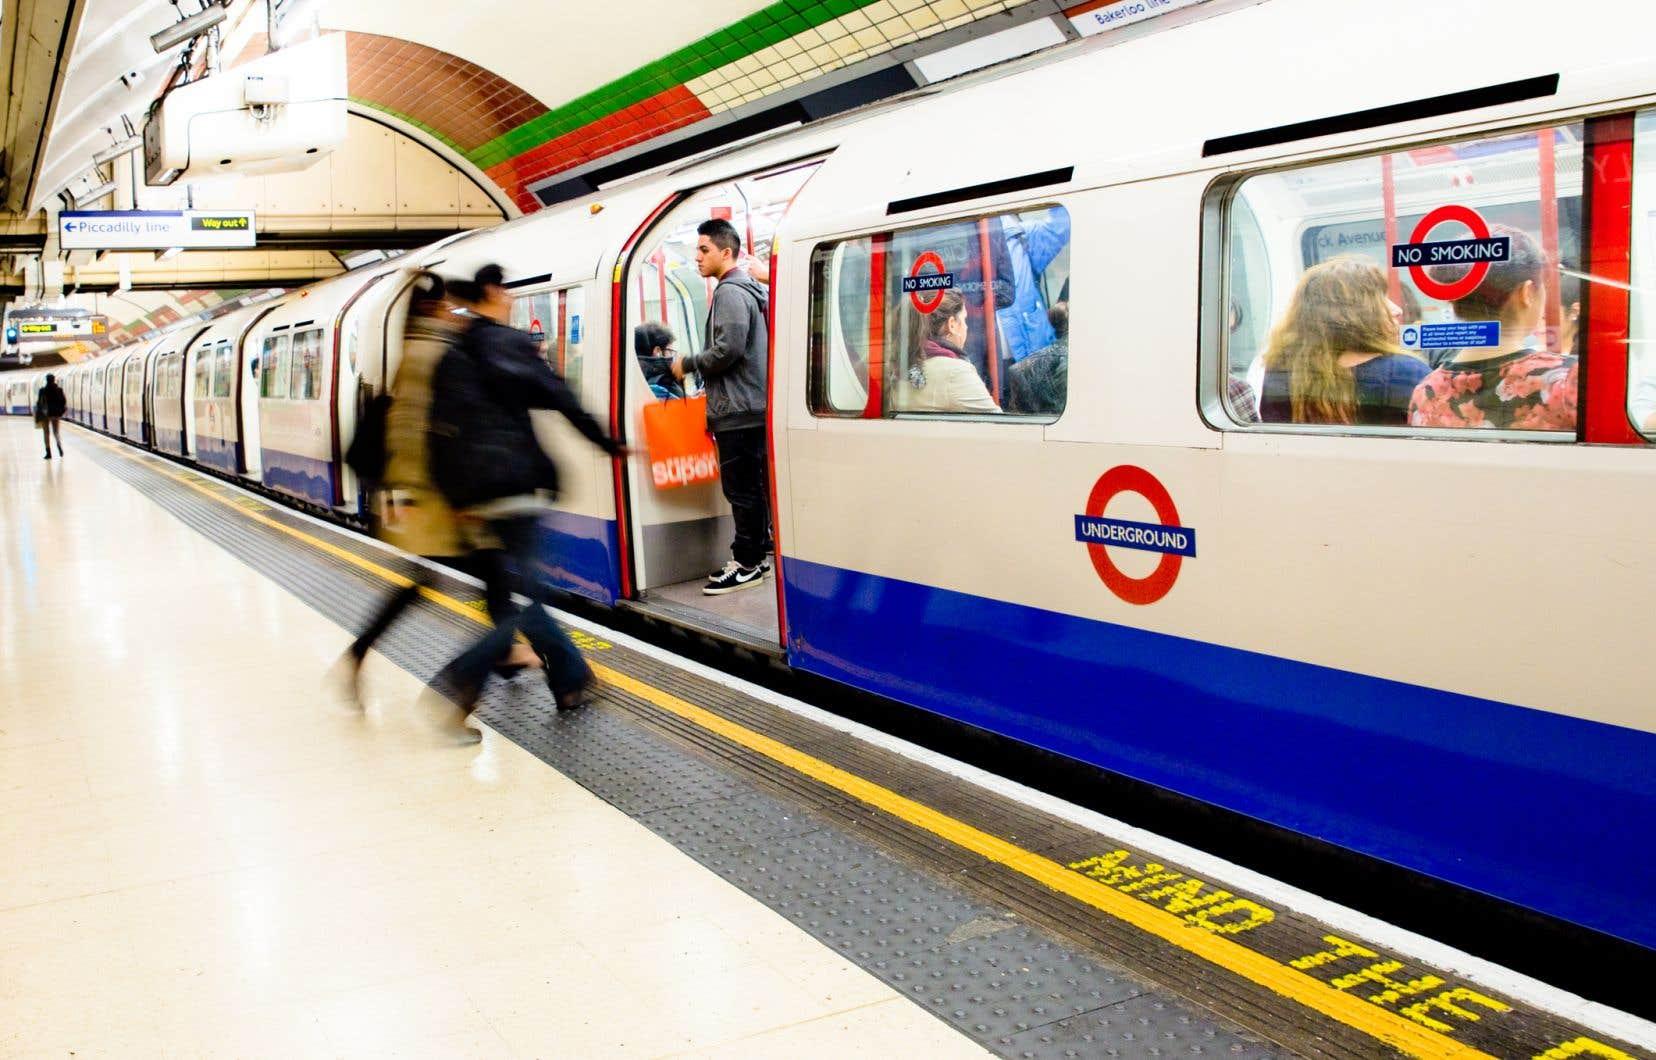 Le contrat prévoit la livraison de 94 rames de métro de nouvelle génération destinées à la ligne Piccadilly, à Londres.